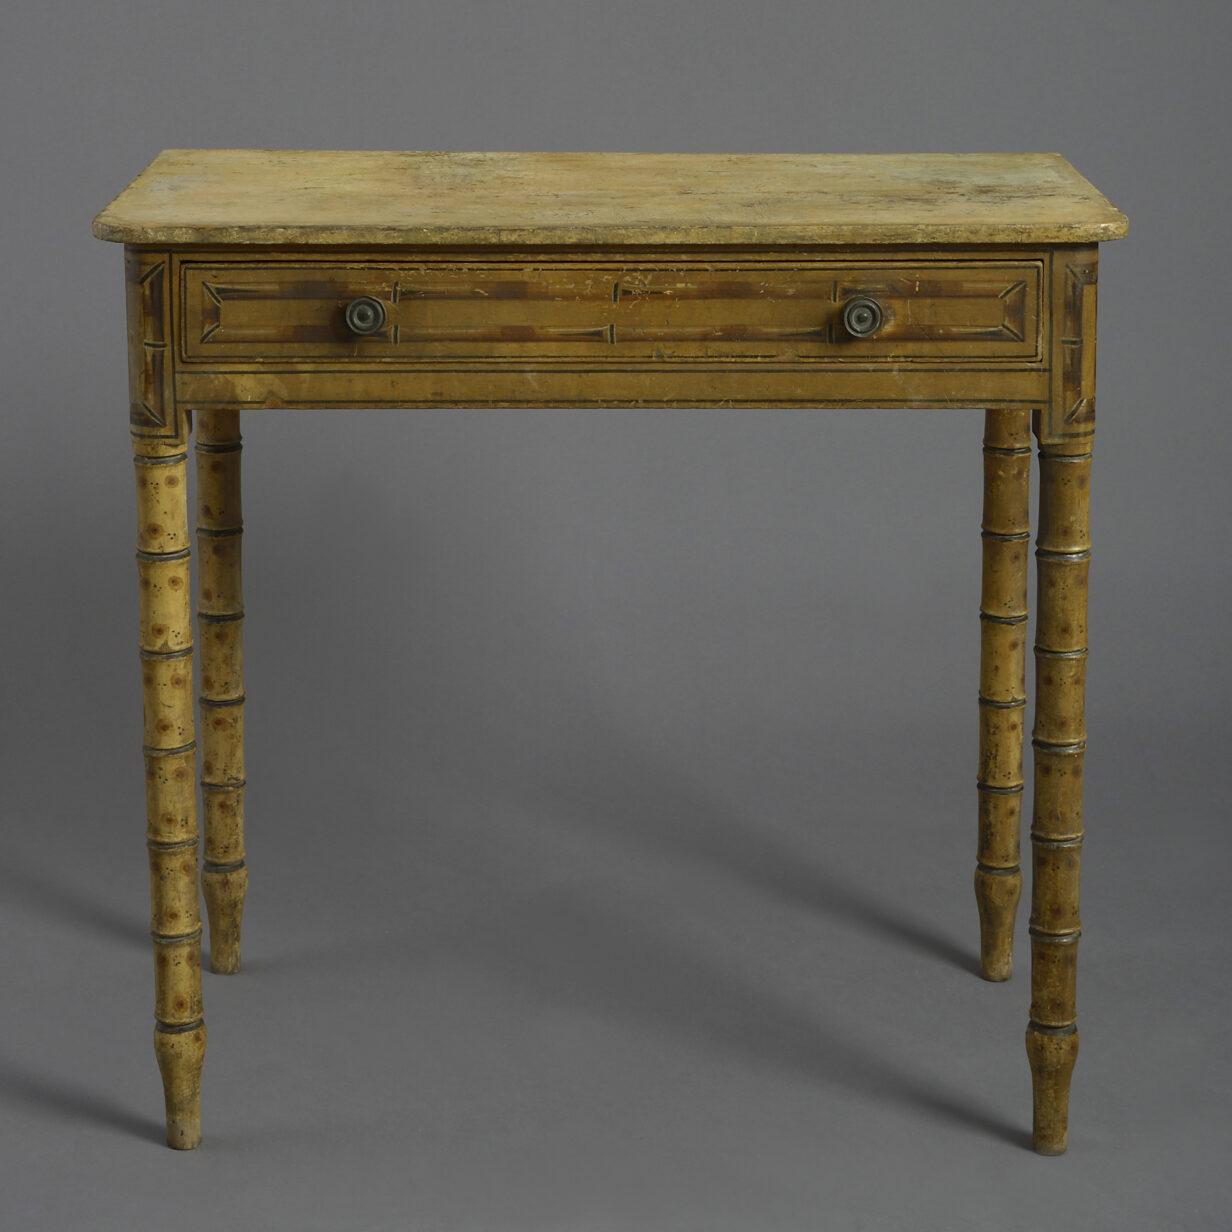 Regency Faux Bamboo Side Table